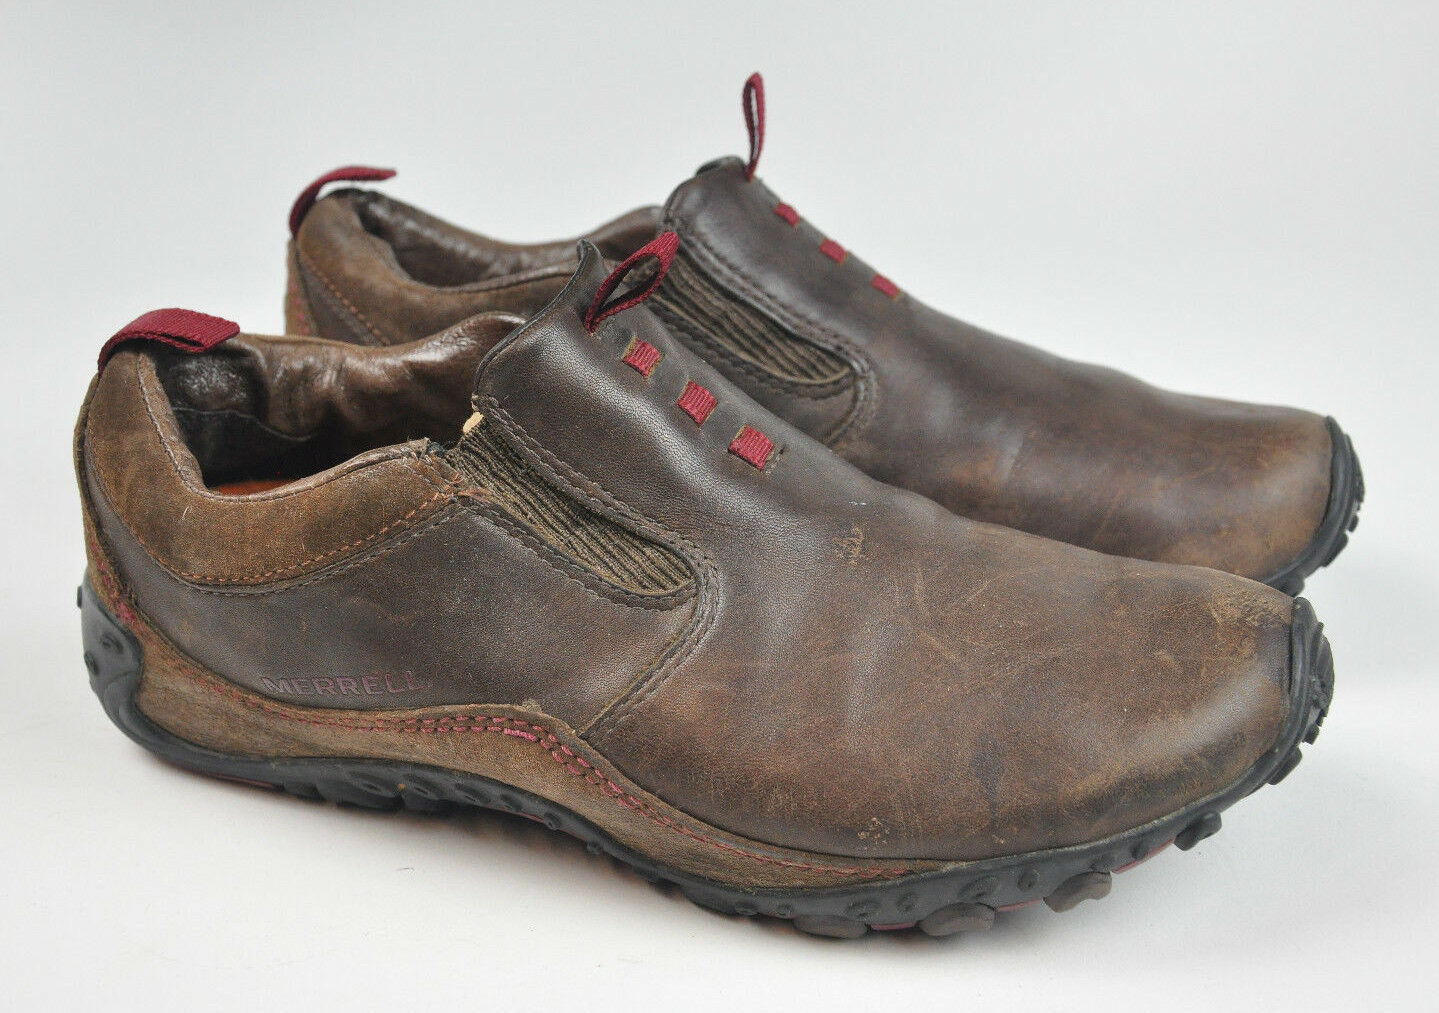 MERRELL Chameleon ARC Moc MOCHA Brown LEATHER Women's Slip On shoes J87754 Sz 8